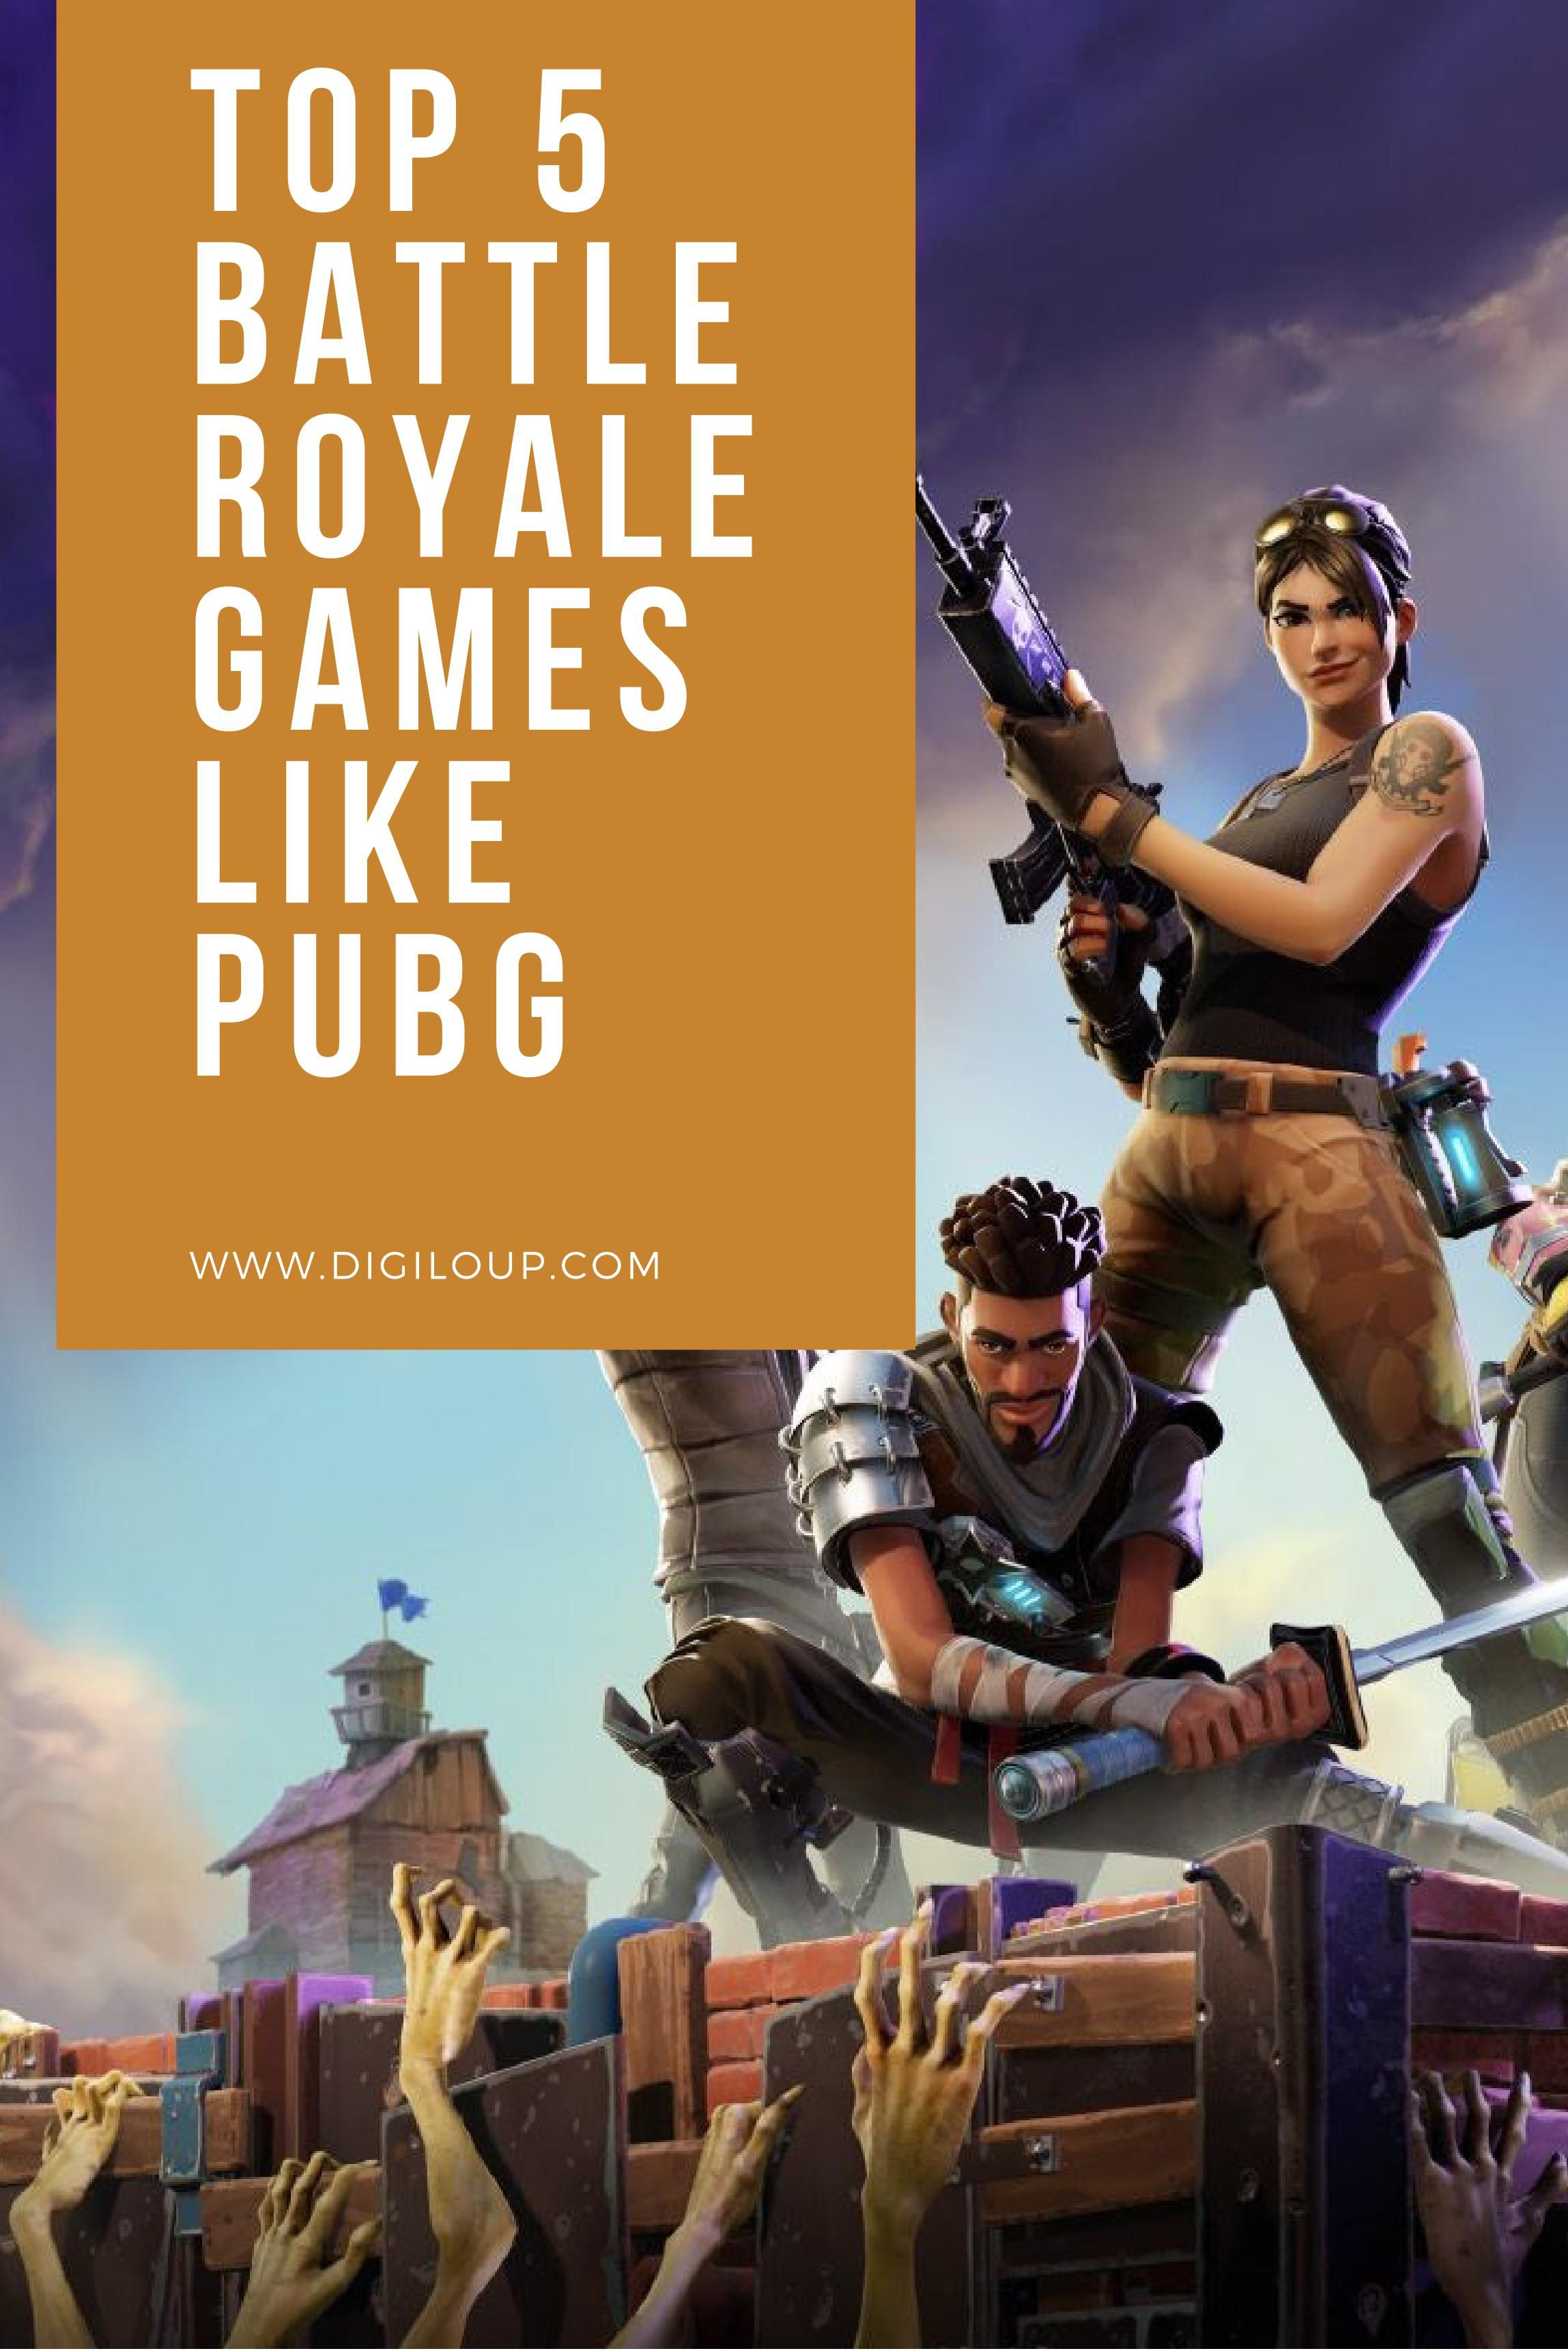 Online Shooting Games Like Pubg News At Games Api Ufc Com